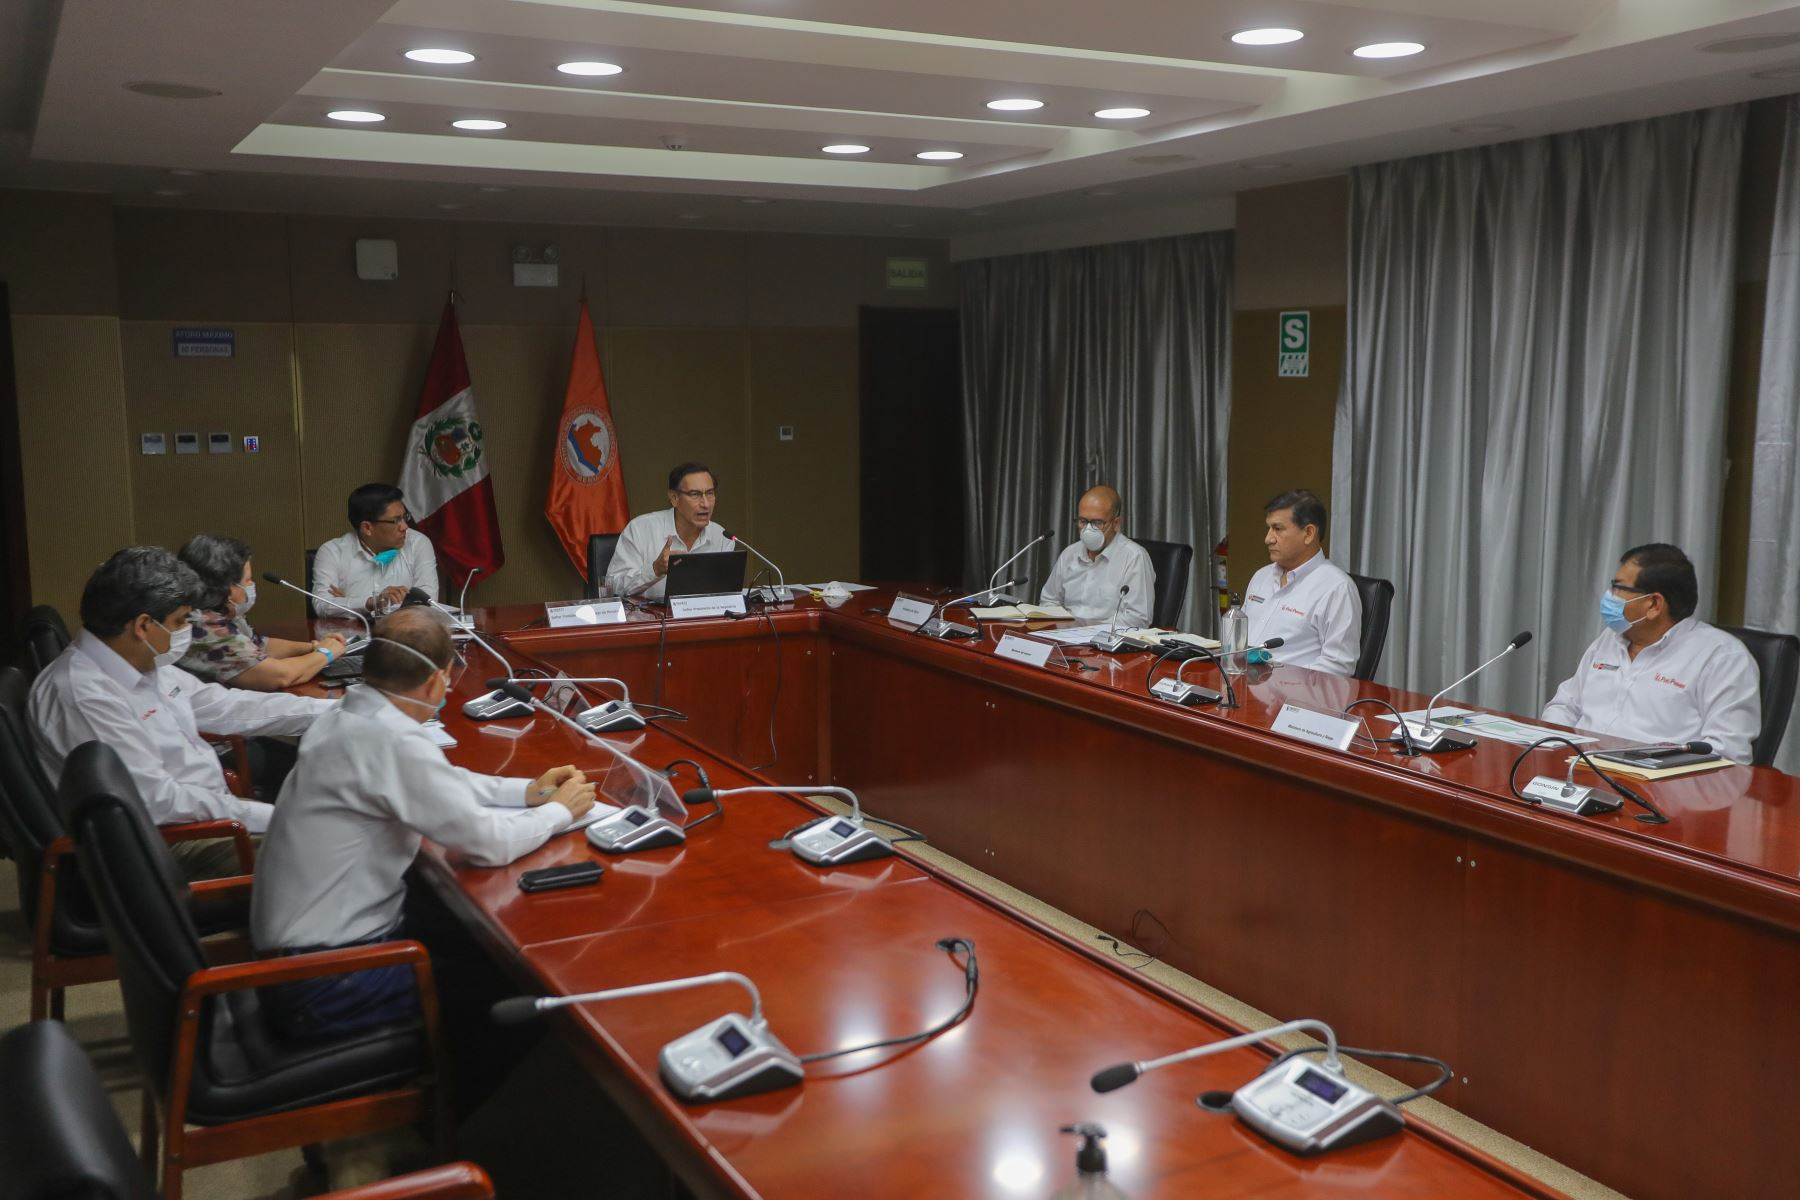 El presidente Vizcarra y Ministros de Estado sostienen videoconferencia con Gobernadores Regionales desde el Centro de Operaciones de Emergencia Nacional (COEN). Foto: ANDINA/Prensa Presidencia